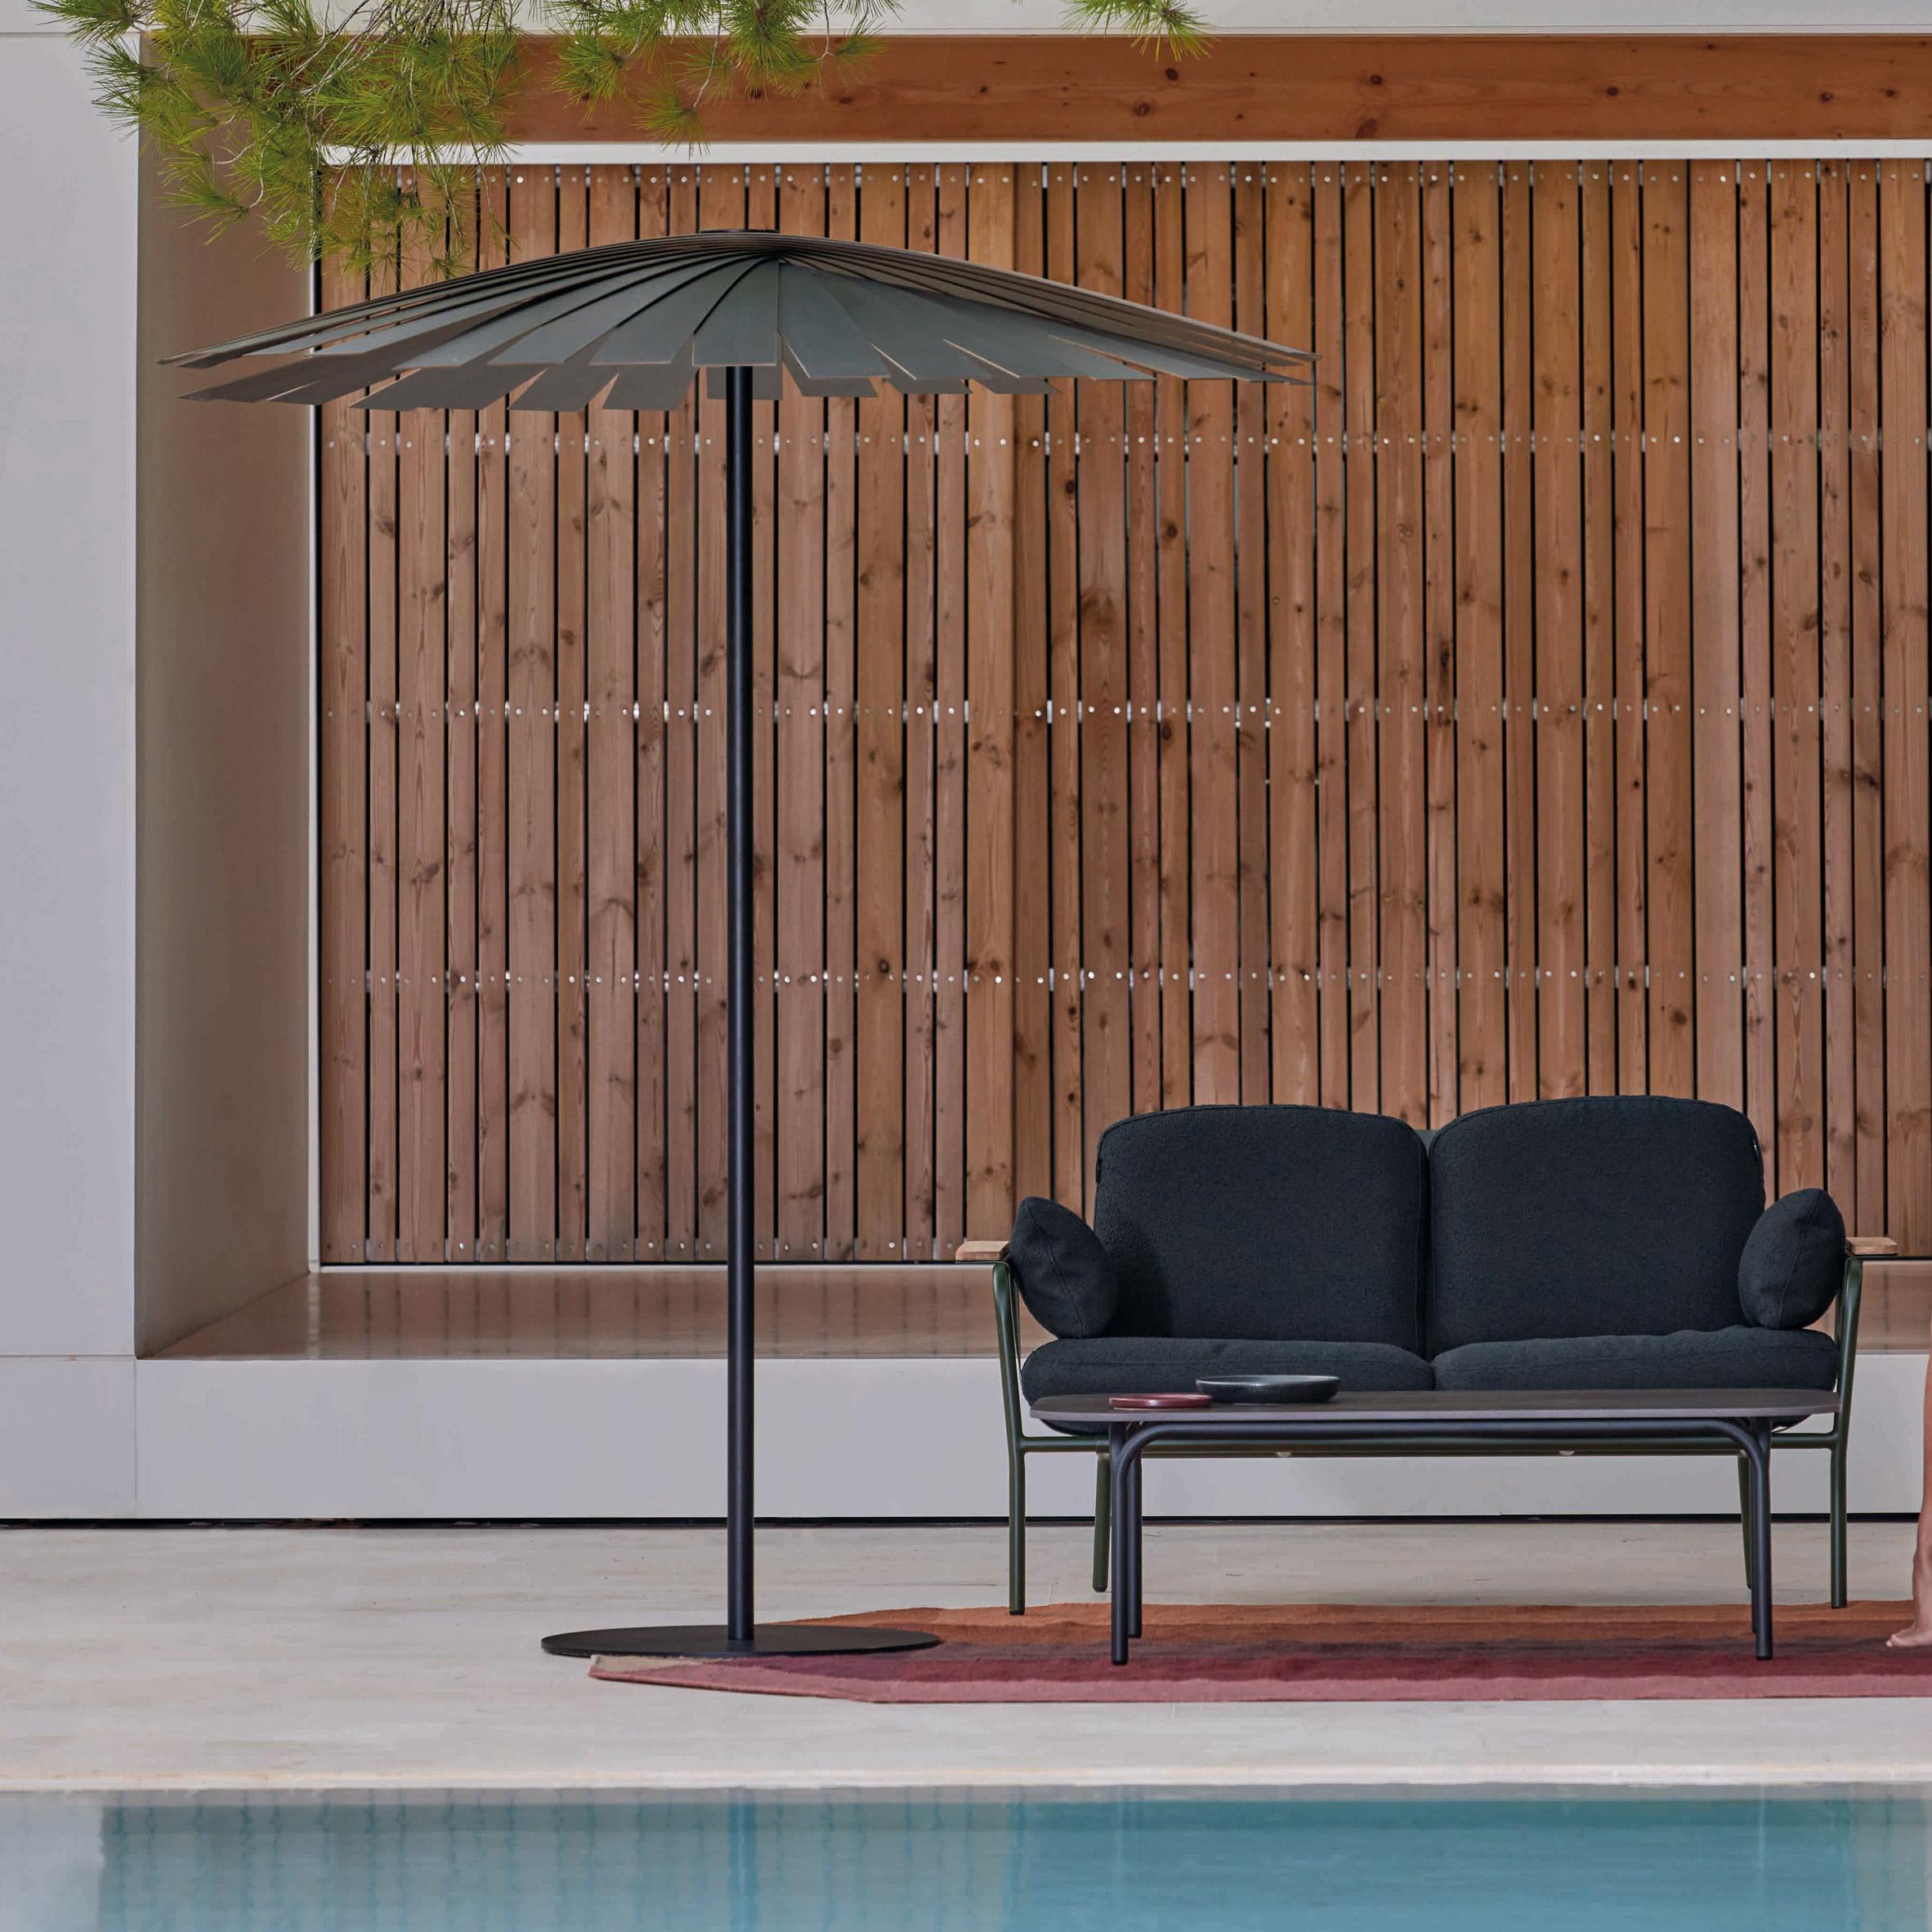 Capa outdoor furniture by Søren Rose for Gandia Blasco